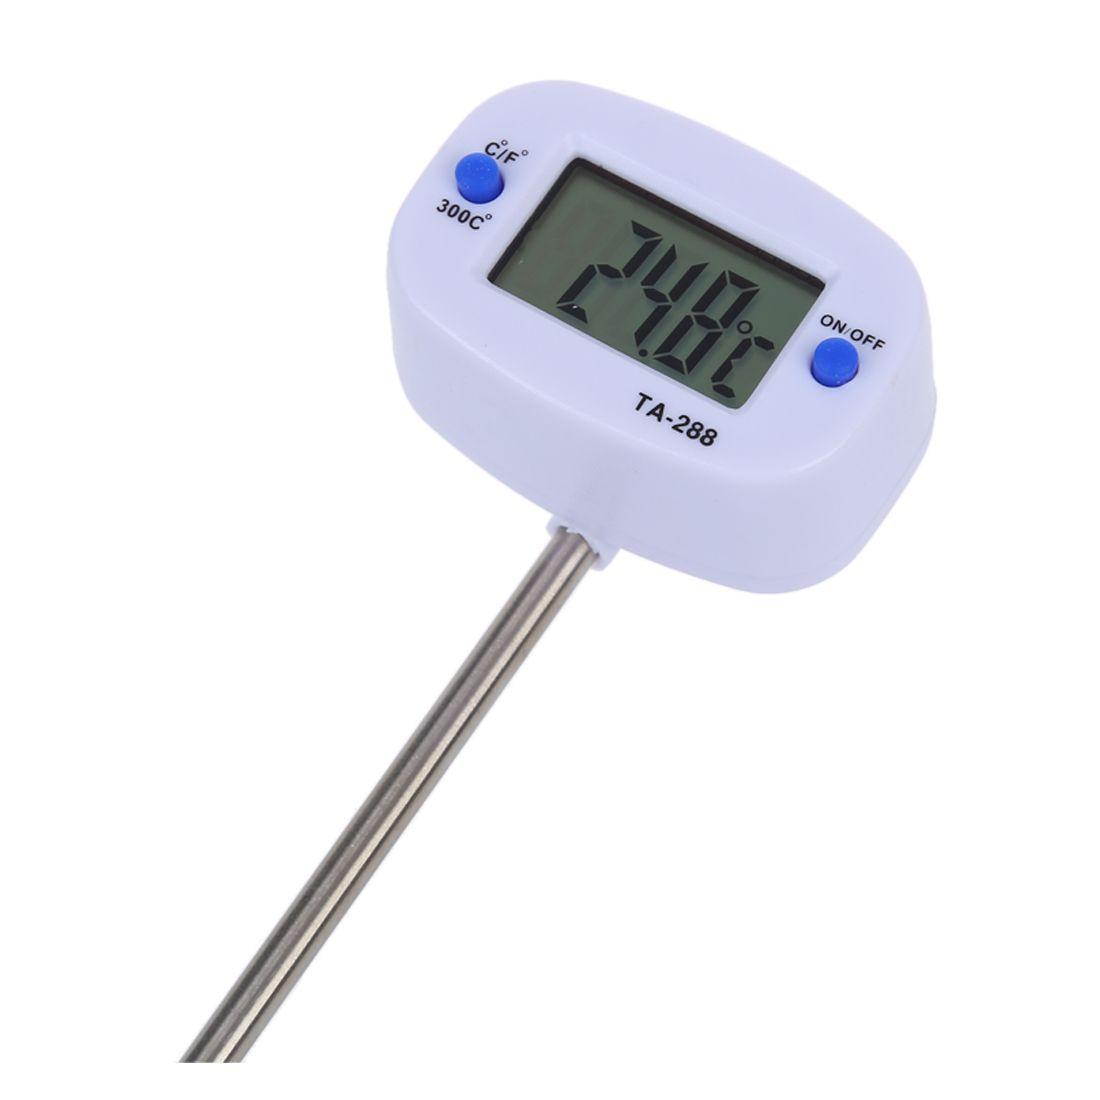 Термометр со щупом ТА-288, длина щупа 7 см